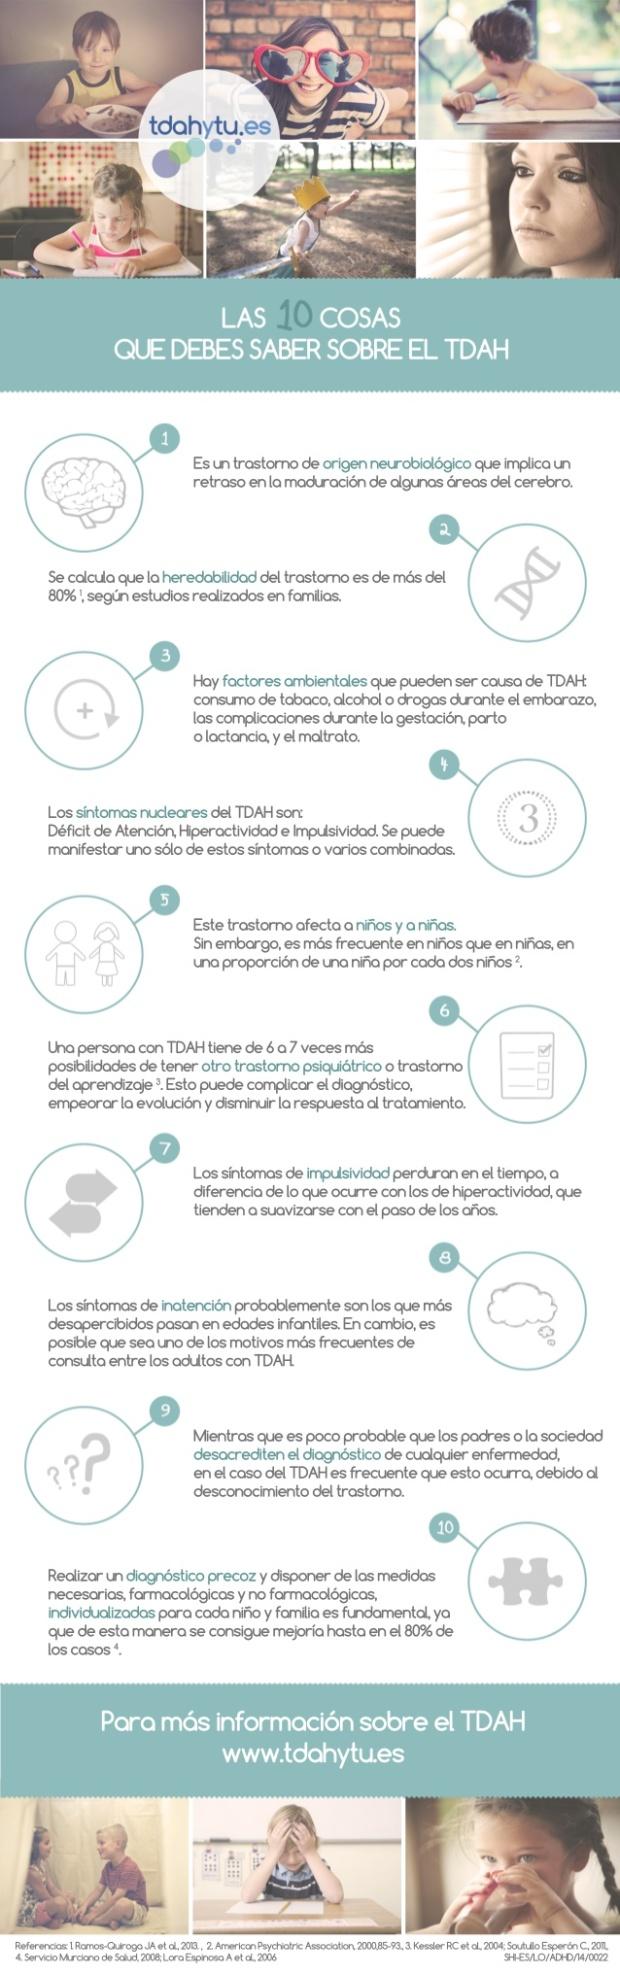 10 cosas sobre el trastorno de atención (TDAH)